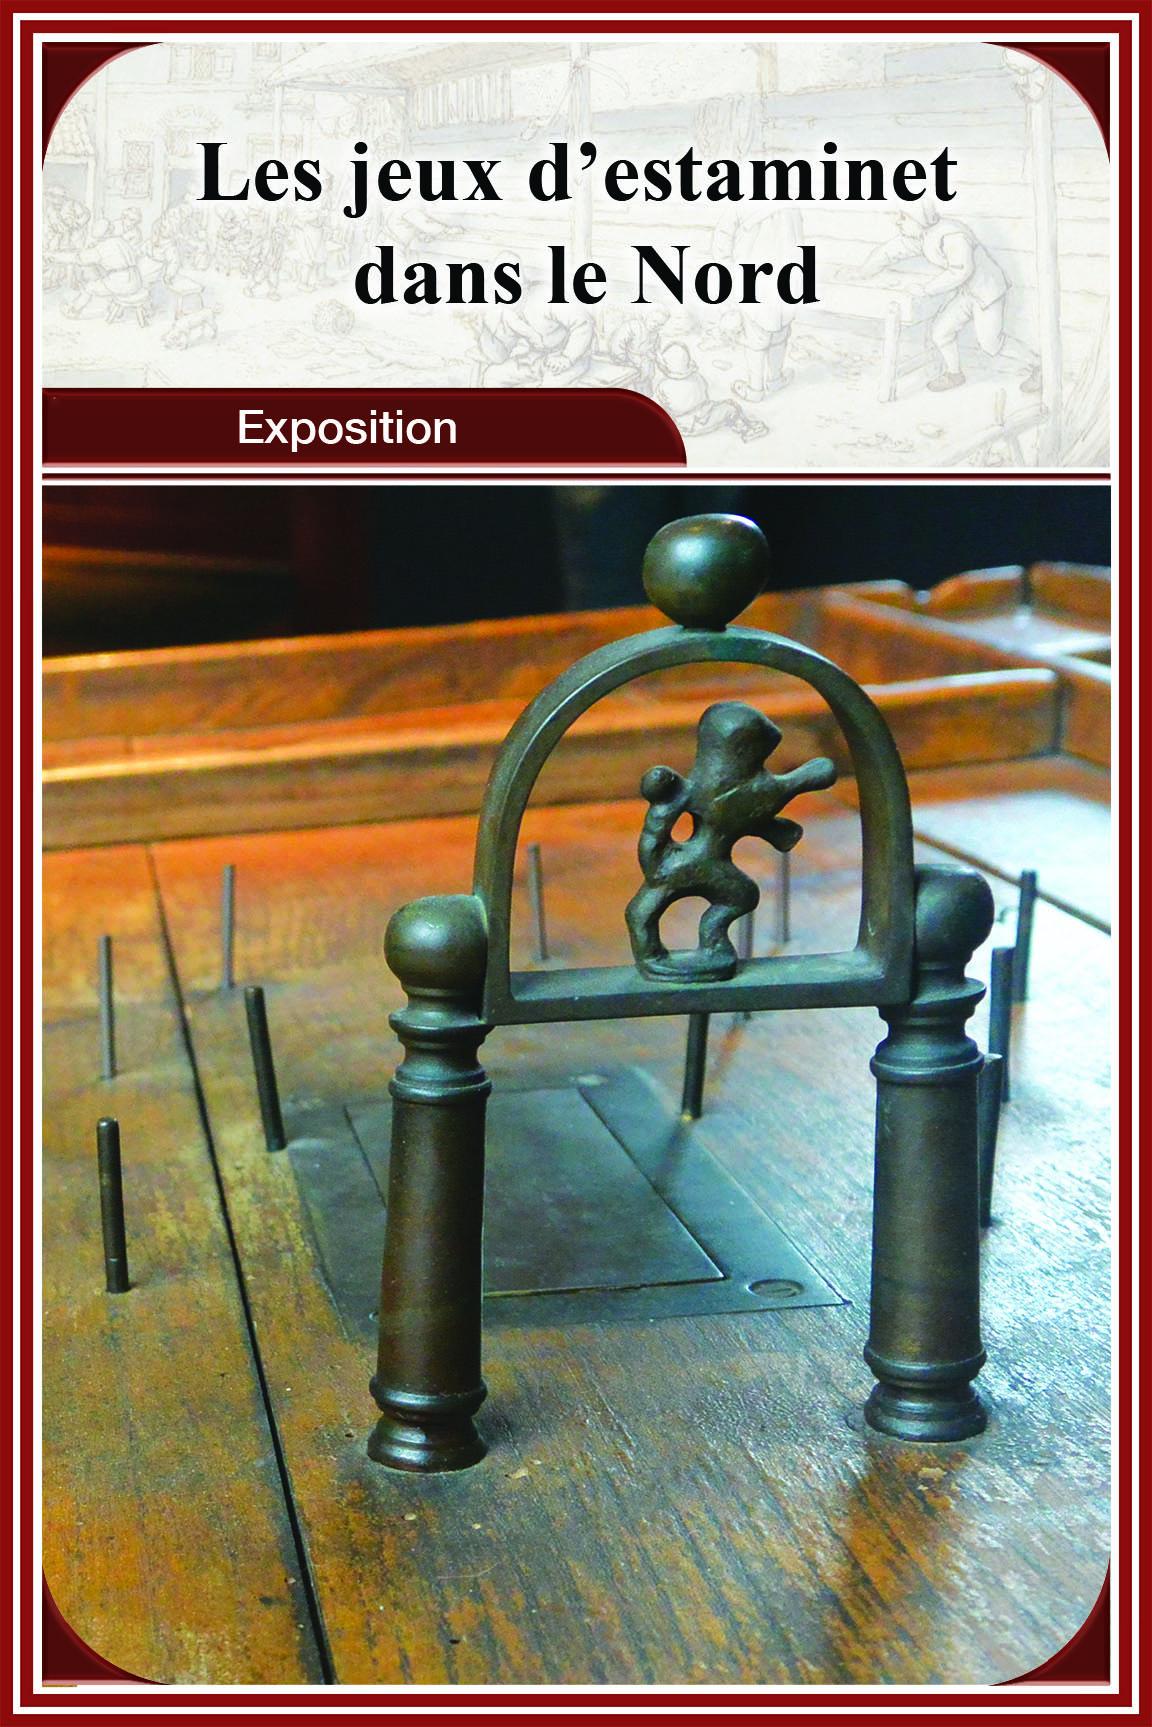 Exposition « Les jeux d'estaminet dans le Nord »  |